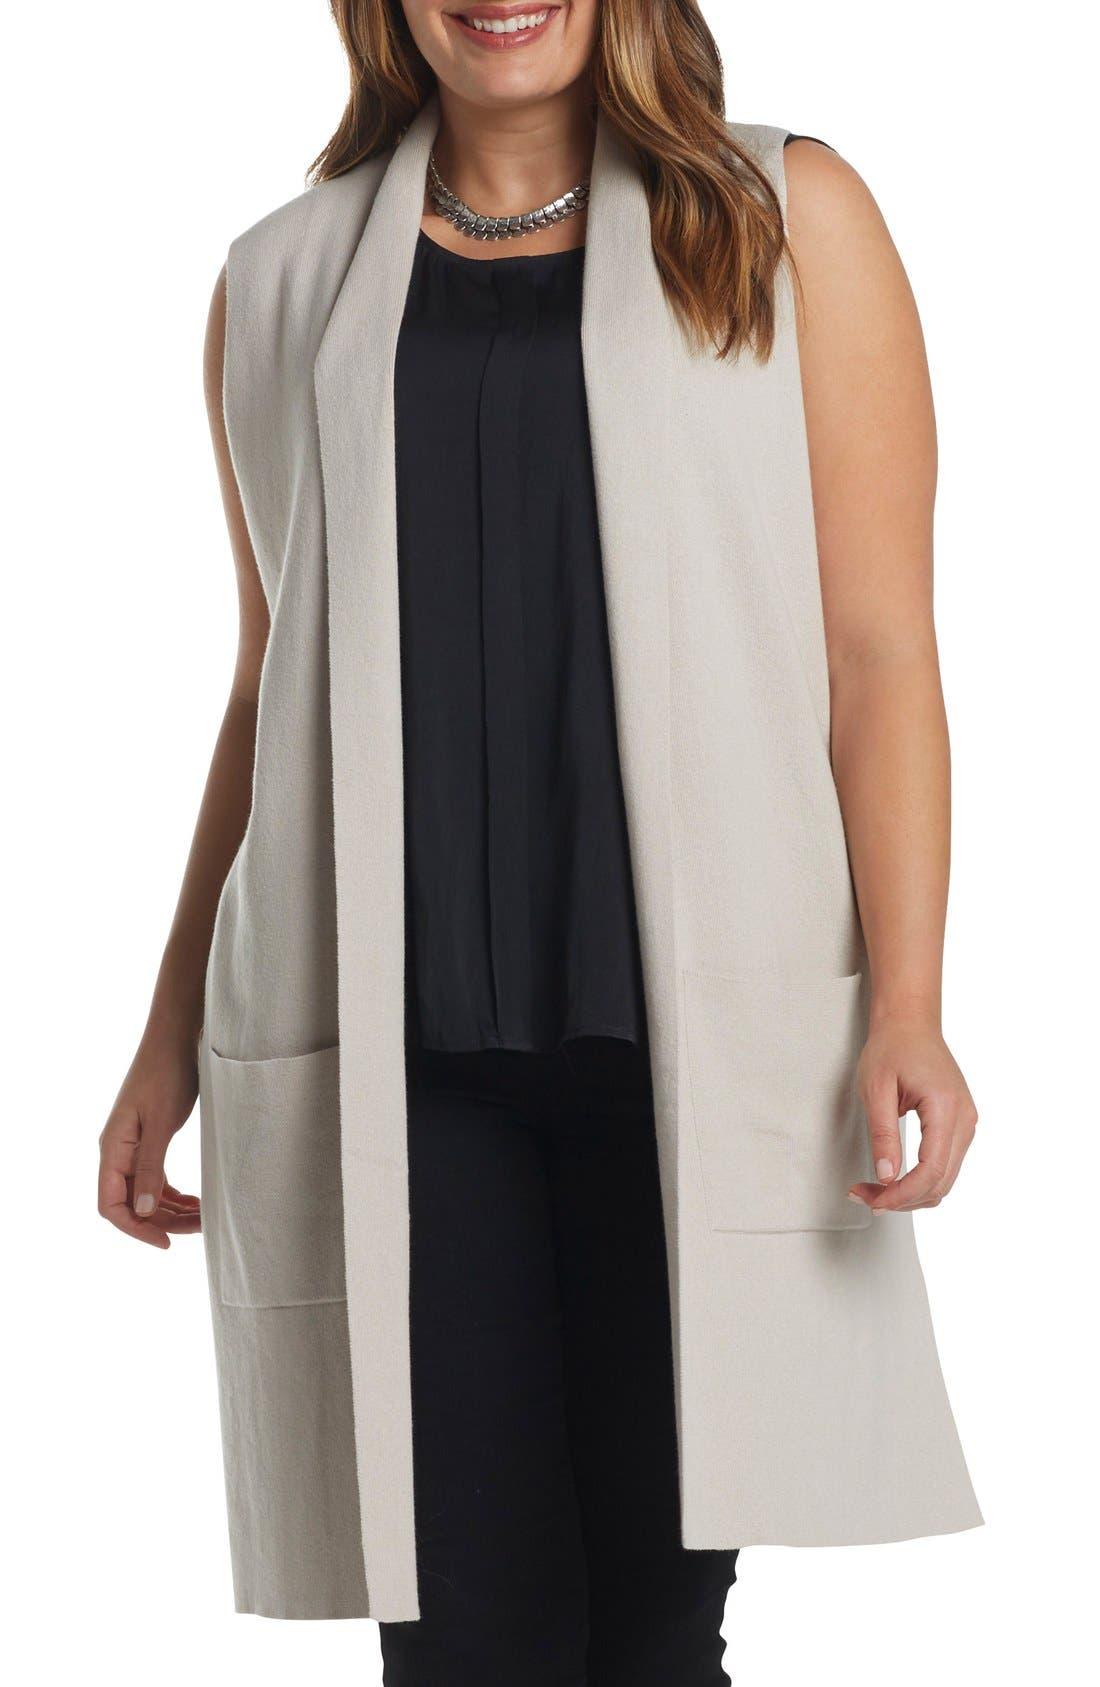 Melva Cotton & Cashmere Open Front Sweater Vest,                         Main,                         color, Light Tan